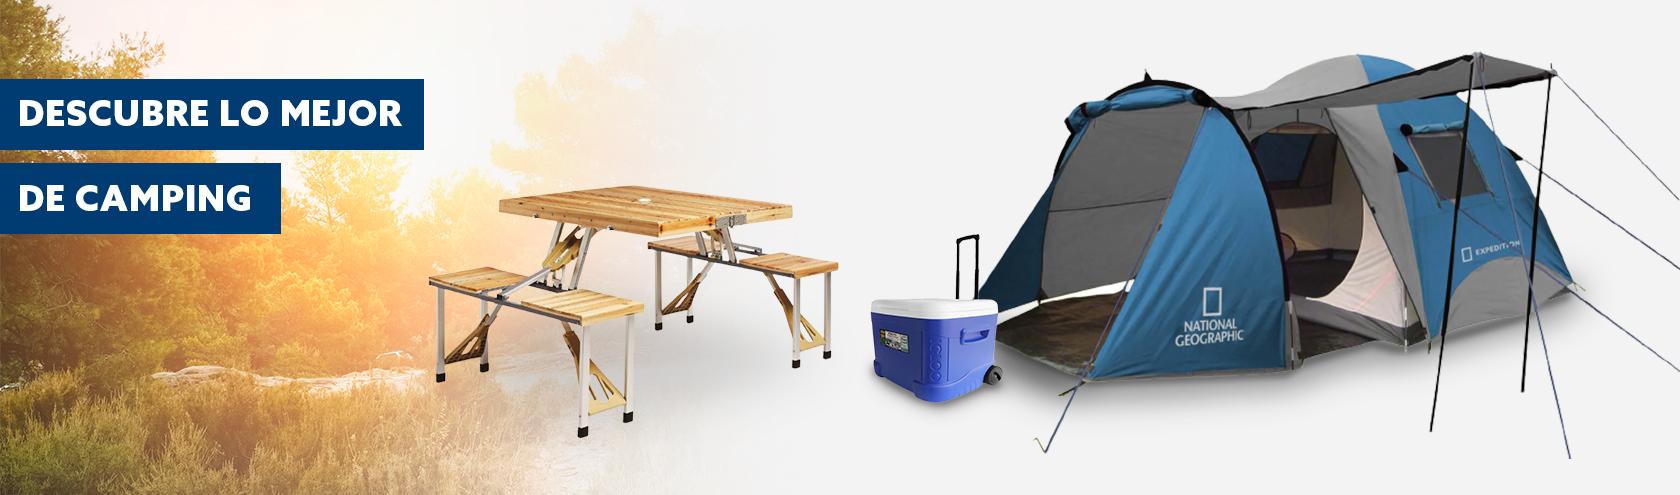 Descubre lo mejor de Camping